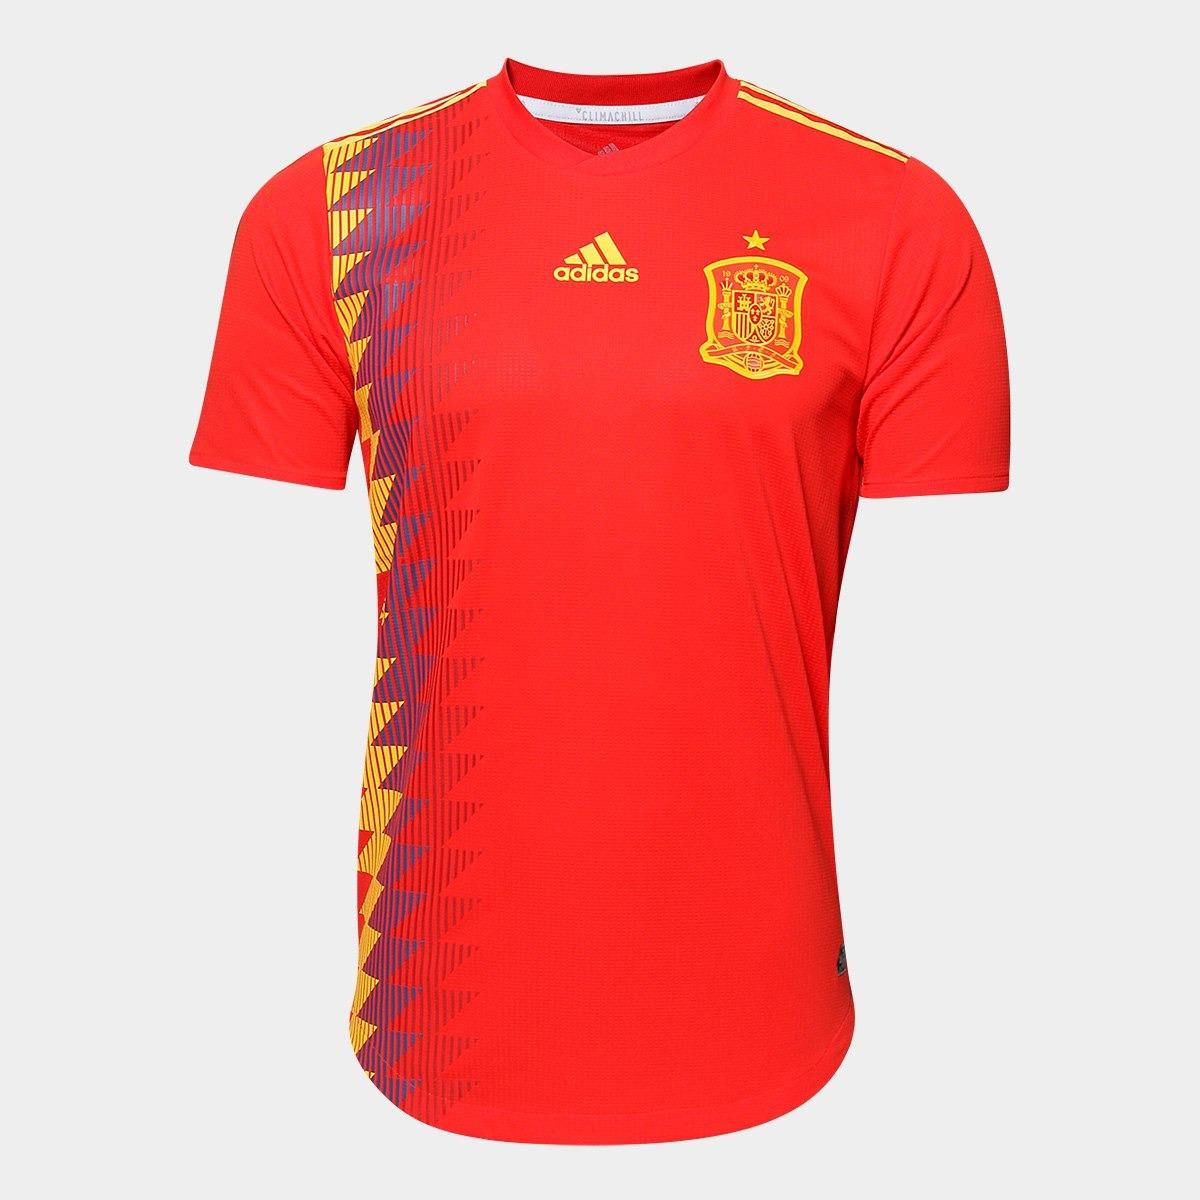 camisa seleção espanha home 2018 s n° - jogador adidas masc. Carregando zoom . 791b43e079904